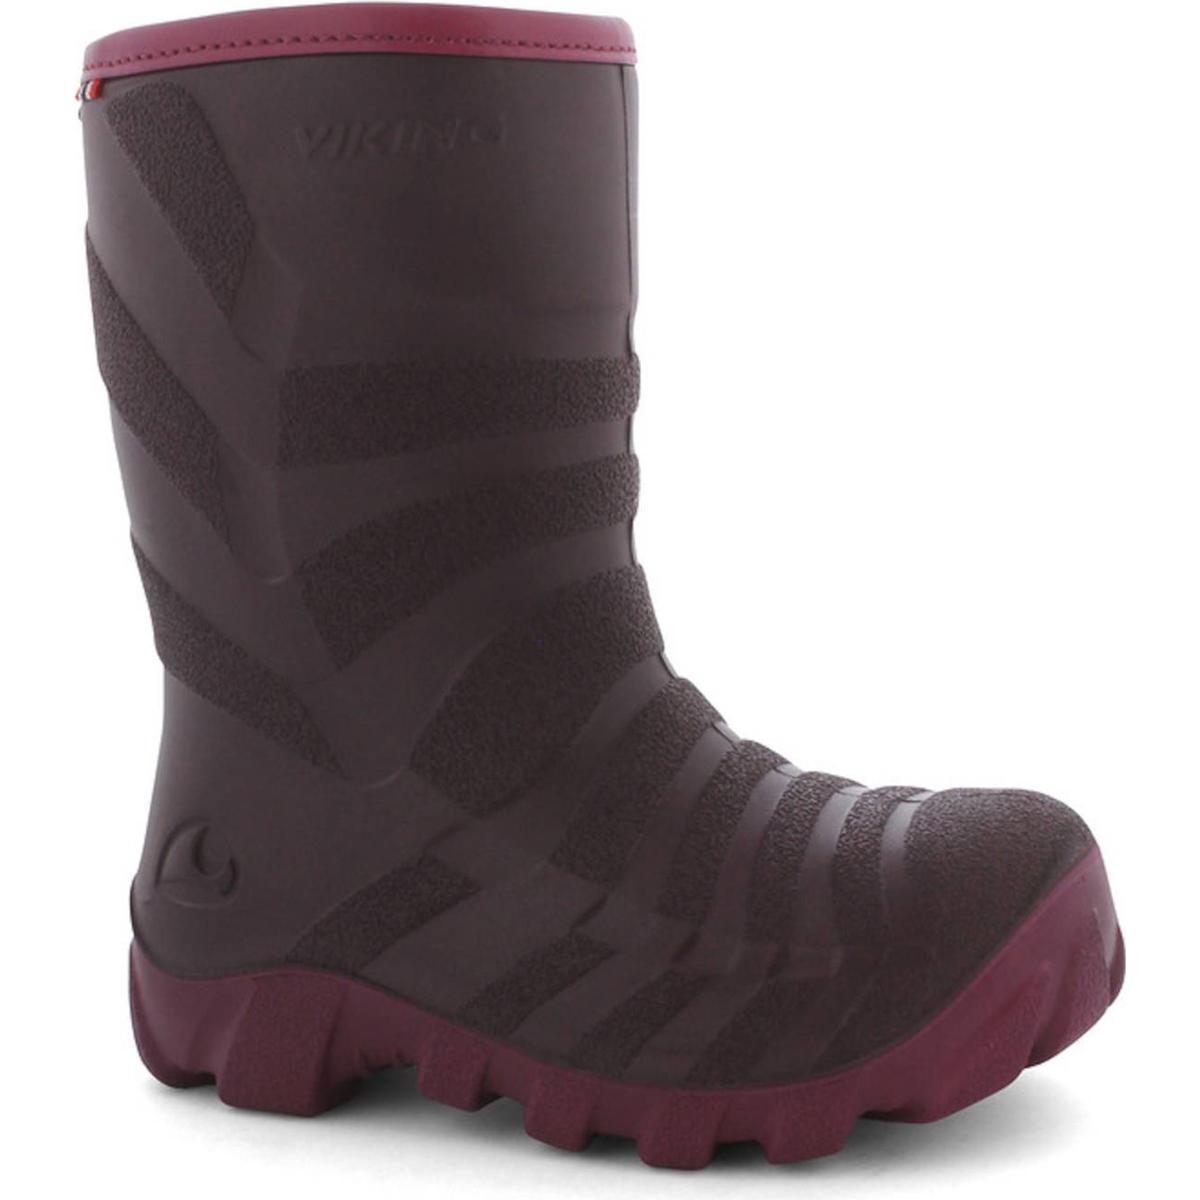 df77ca43e9e Vinterstøvler til børn - Sammenlign priser hos PriceRunner